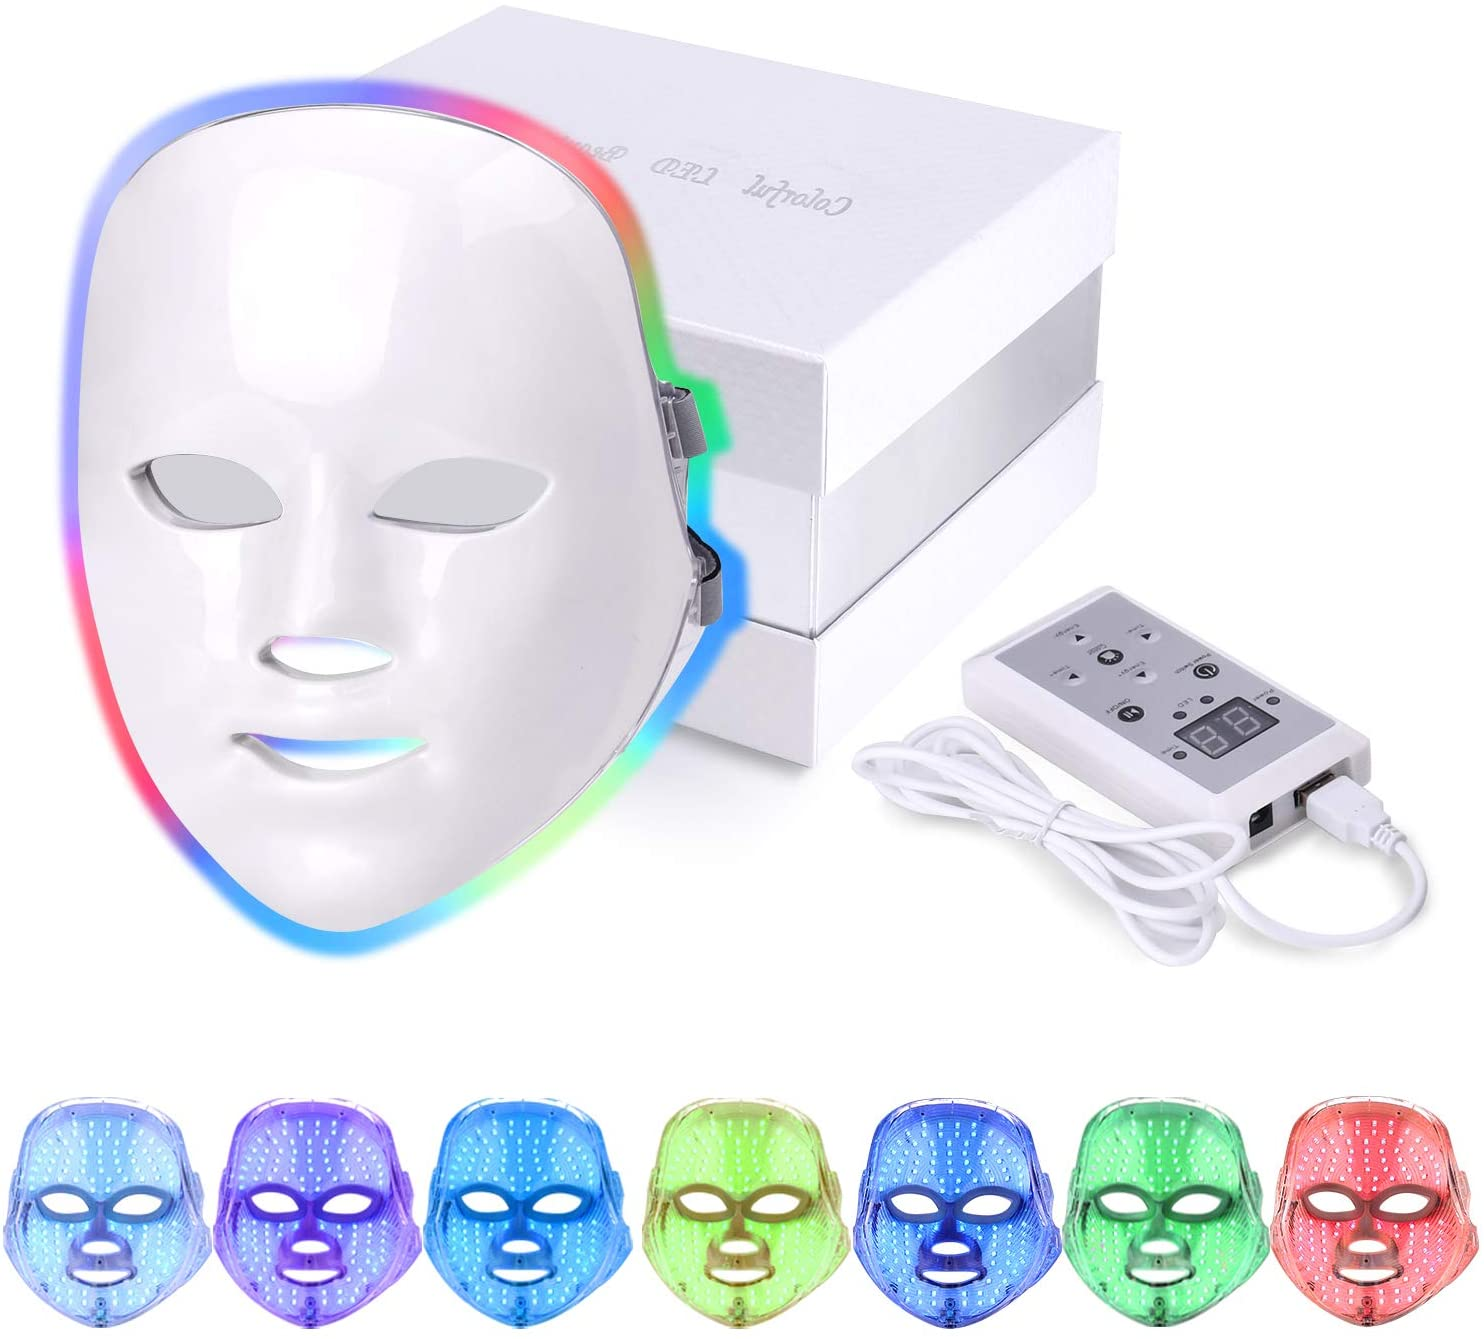 BTgirl LED terapia máscara Facial 7 colores fotón máscara Facial máquina para la eliminación de acné arrugas rejuvenecimiento de la piel cuidado de la piel